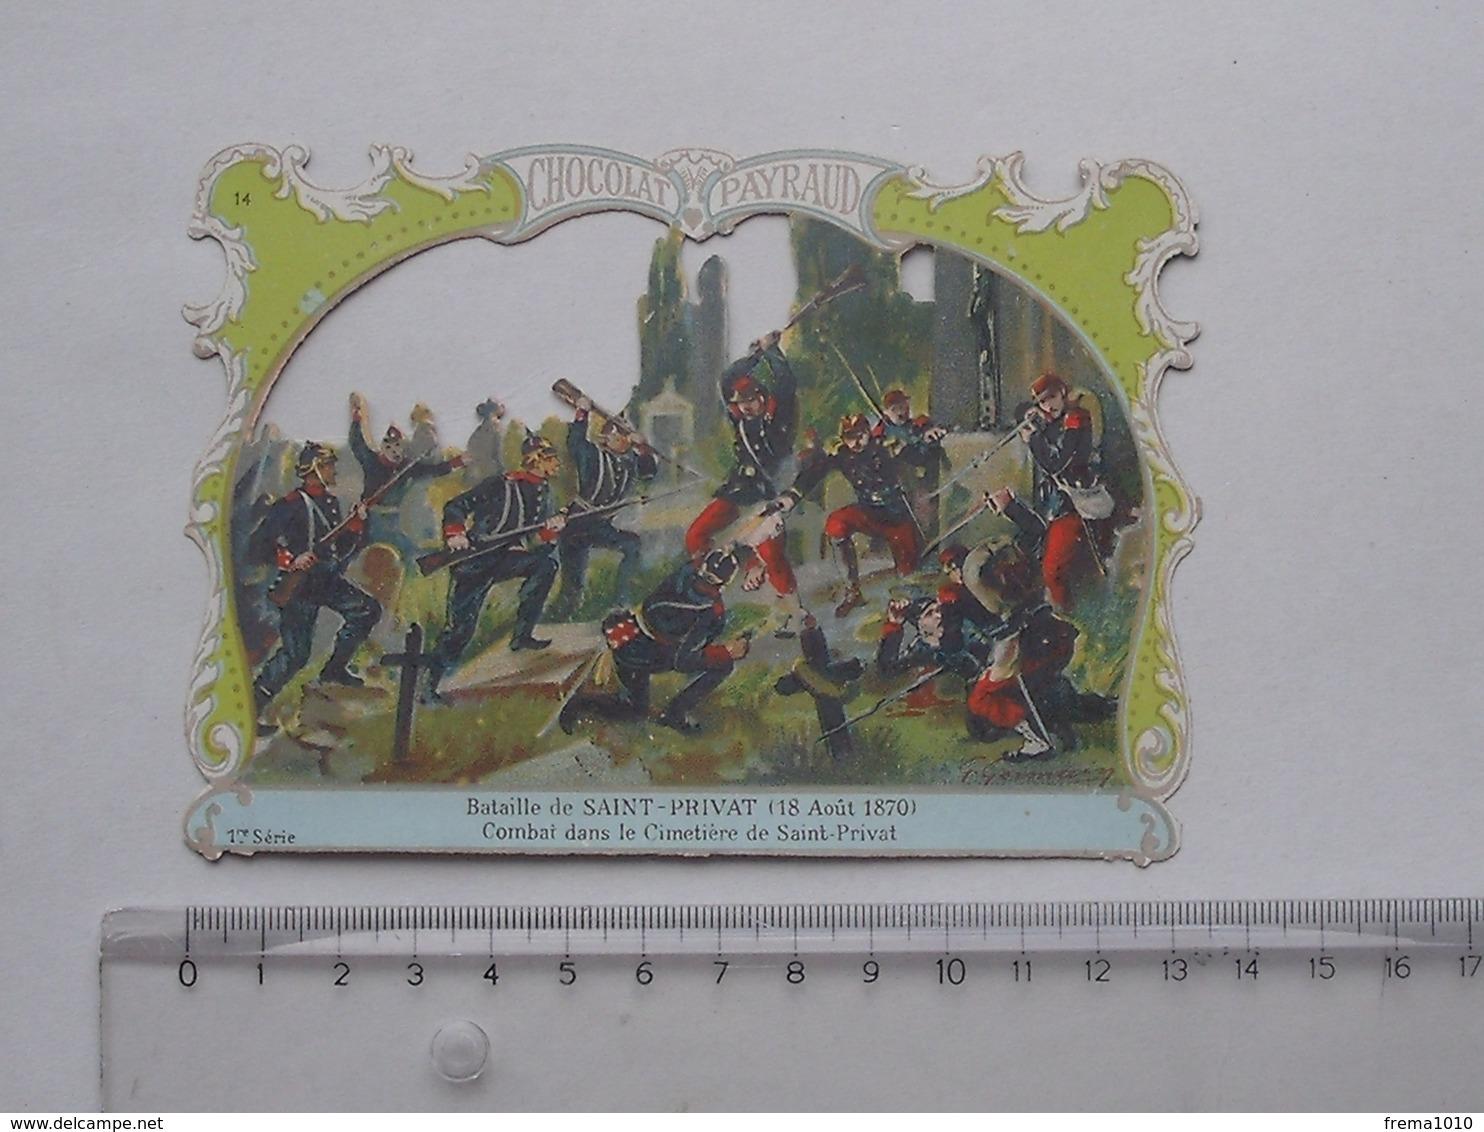 CHROMO DECOUPIS Chocolat PAYRAUD Grand Format: Bataille SAINT-PRIVAT 1870 Cimetière - MILITAIRE - GERMAIN Illustrateur - Other